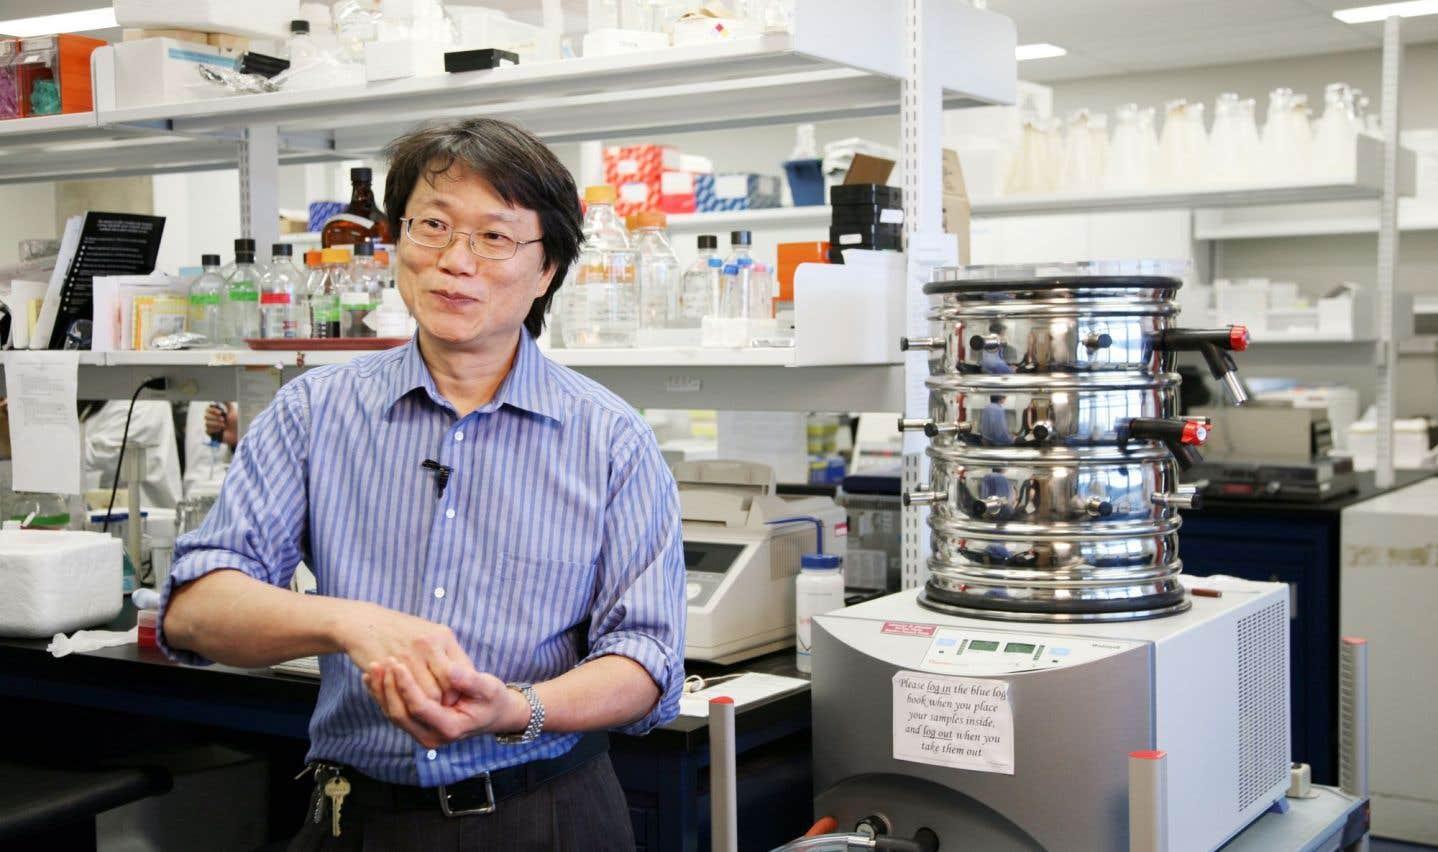 Adrian Tsang est un professeur au Département de biologie de l'Université Concordia et le directeur du Centre de génomique structurale et fonctionnelle de cette même université.